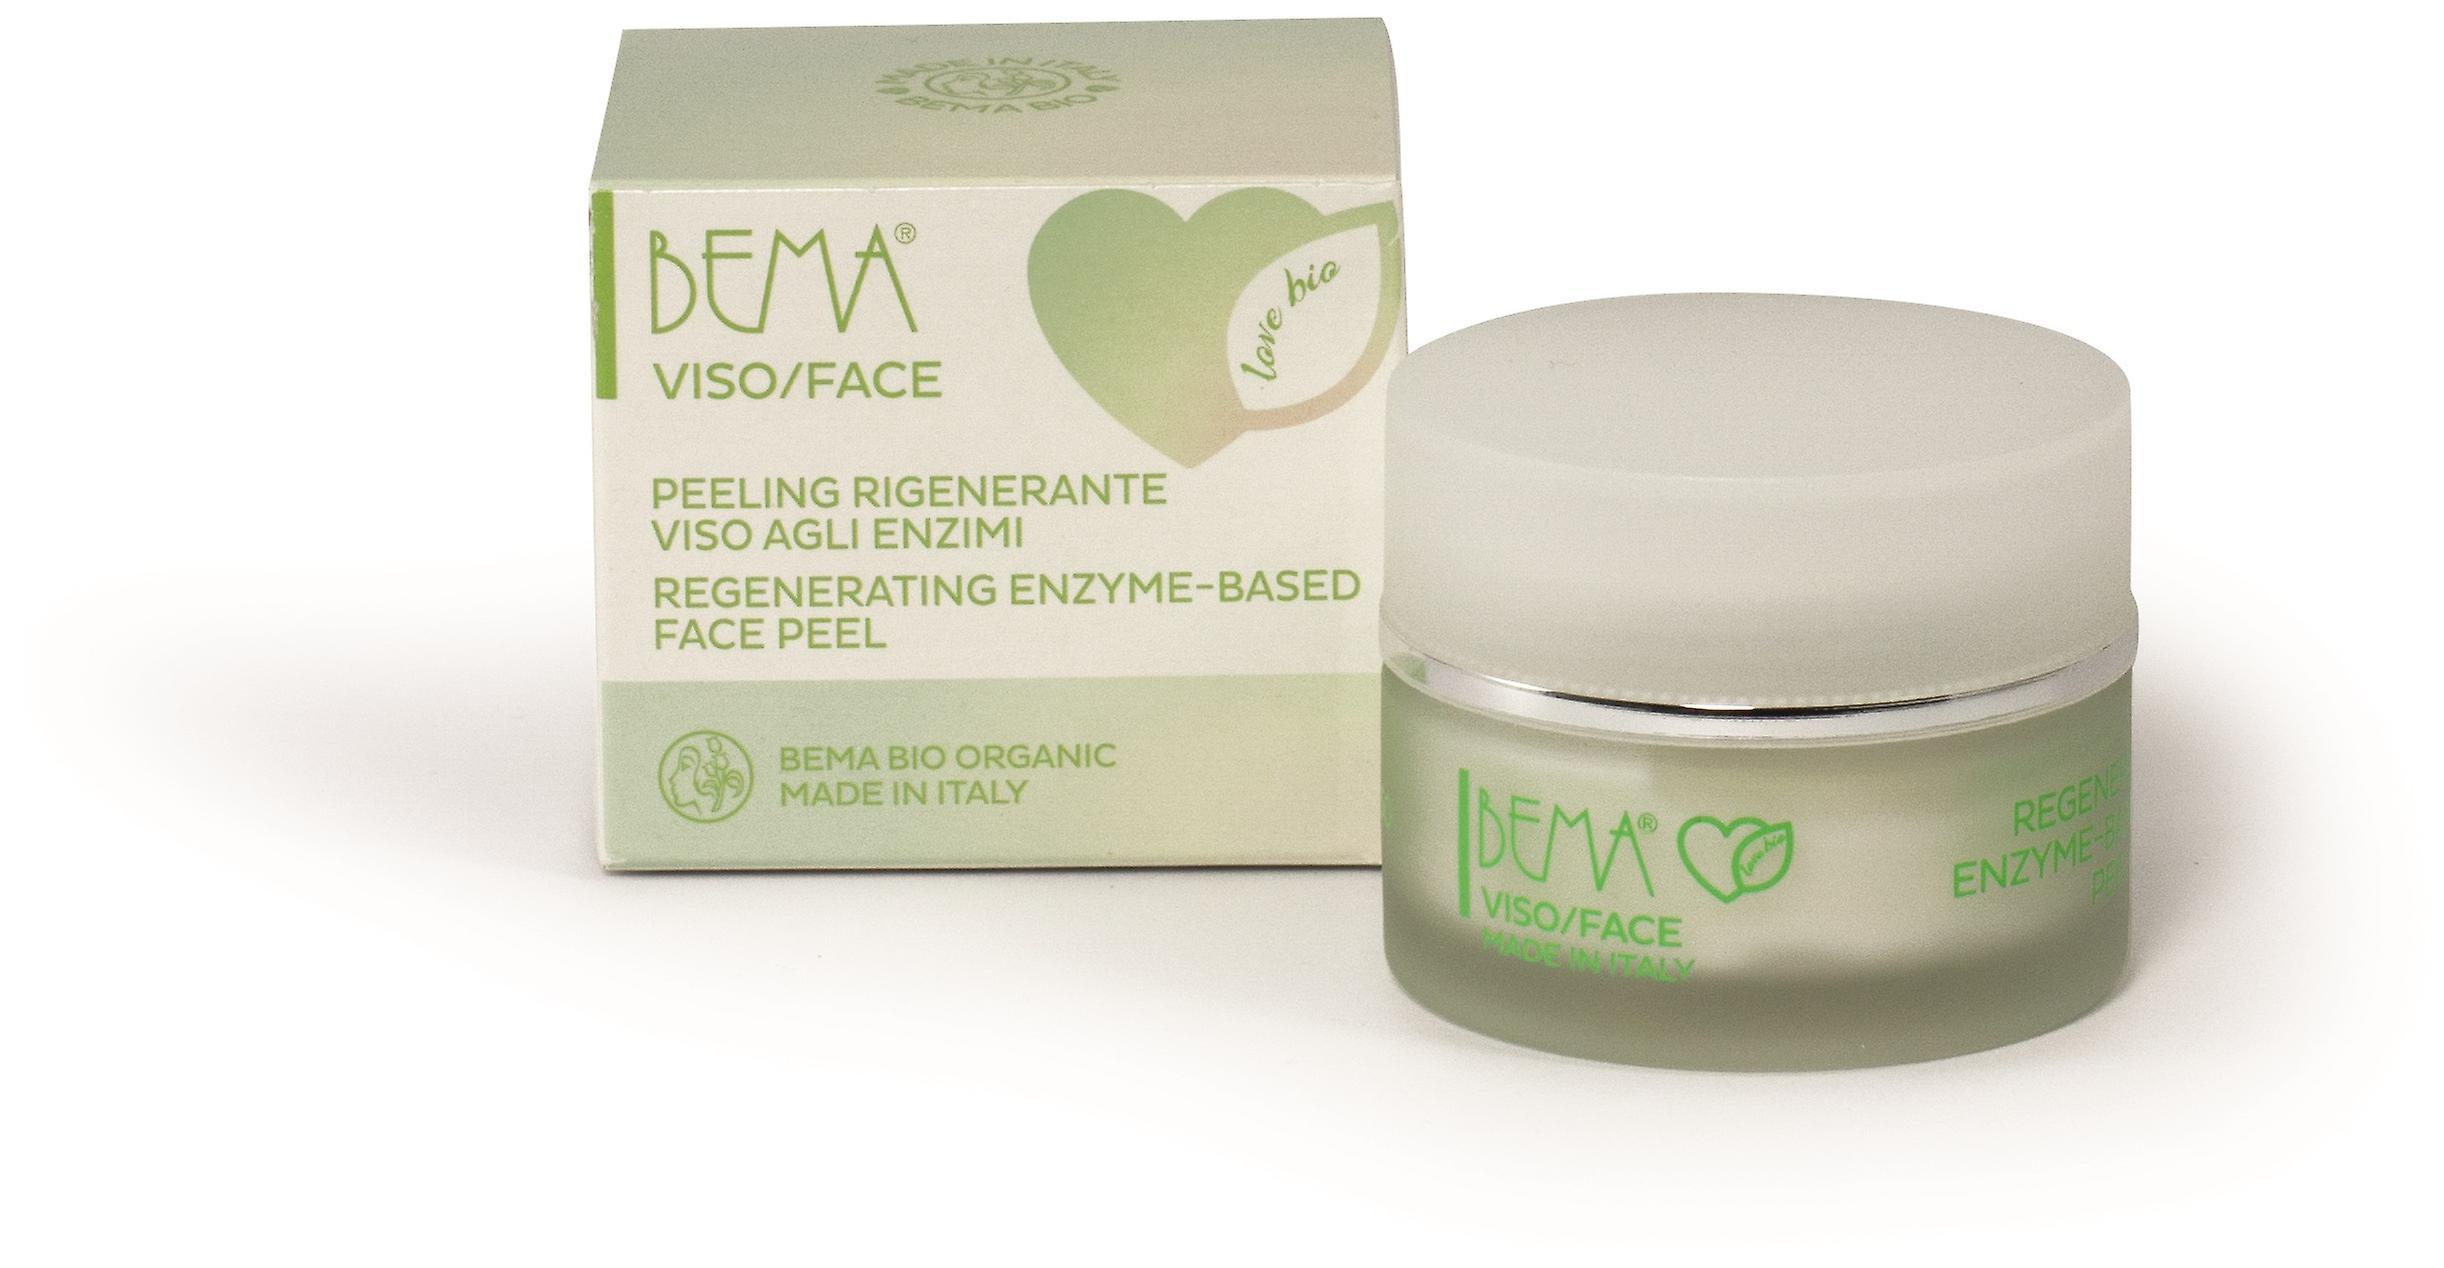 Bema Regenerating Enzyme-Based الوجه قشر 50 مل (مستحضرات التجميل، الوجه، والدعك)